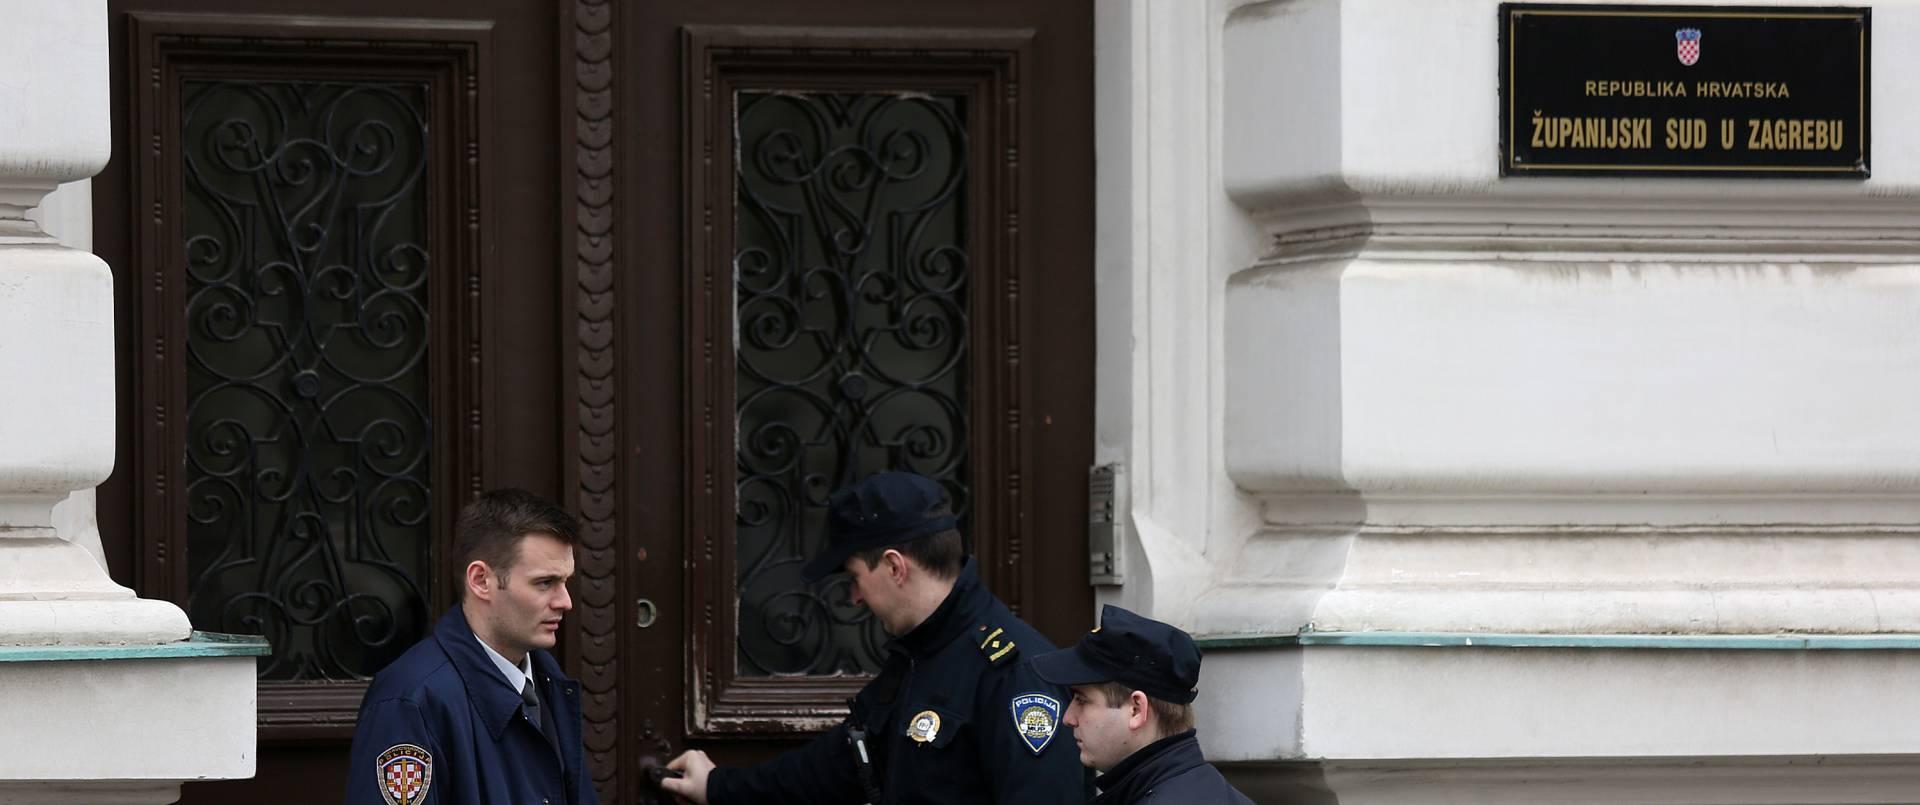 DOJAVA O BOMBI NA ŽUPANIJSKOM SUDU: Zgrada ispražnjena, policajci s psima pretražuju zgradu